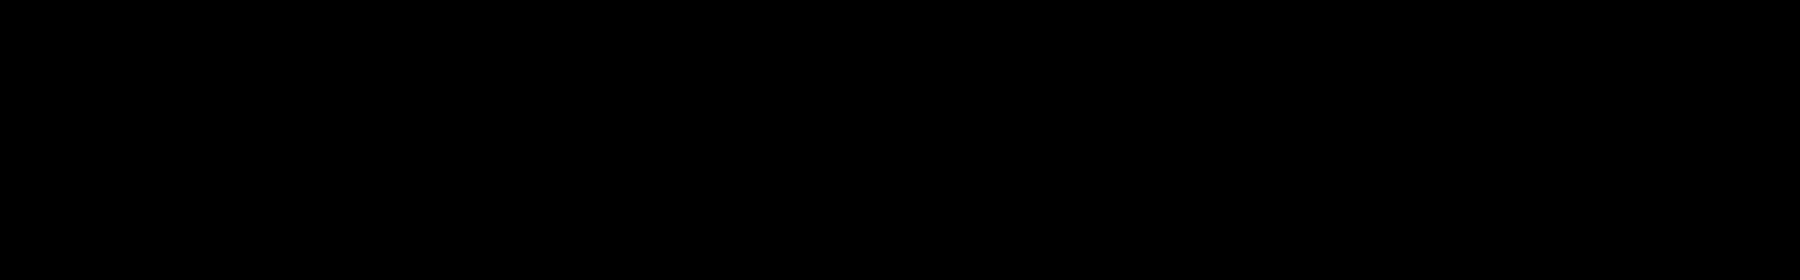 Midi Pack - Bundle audio waveform